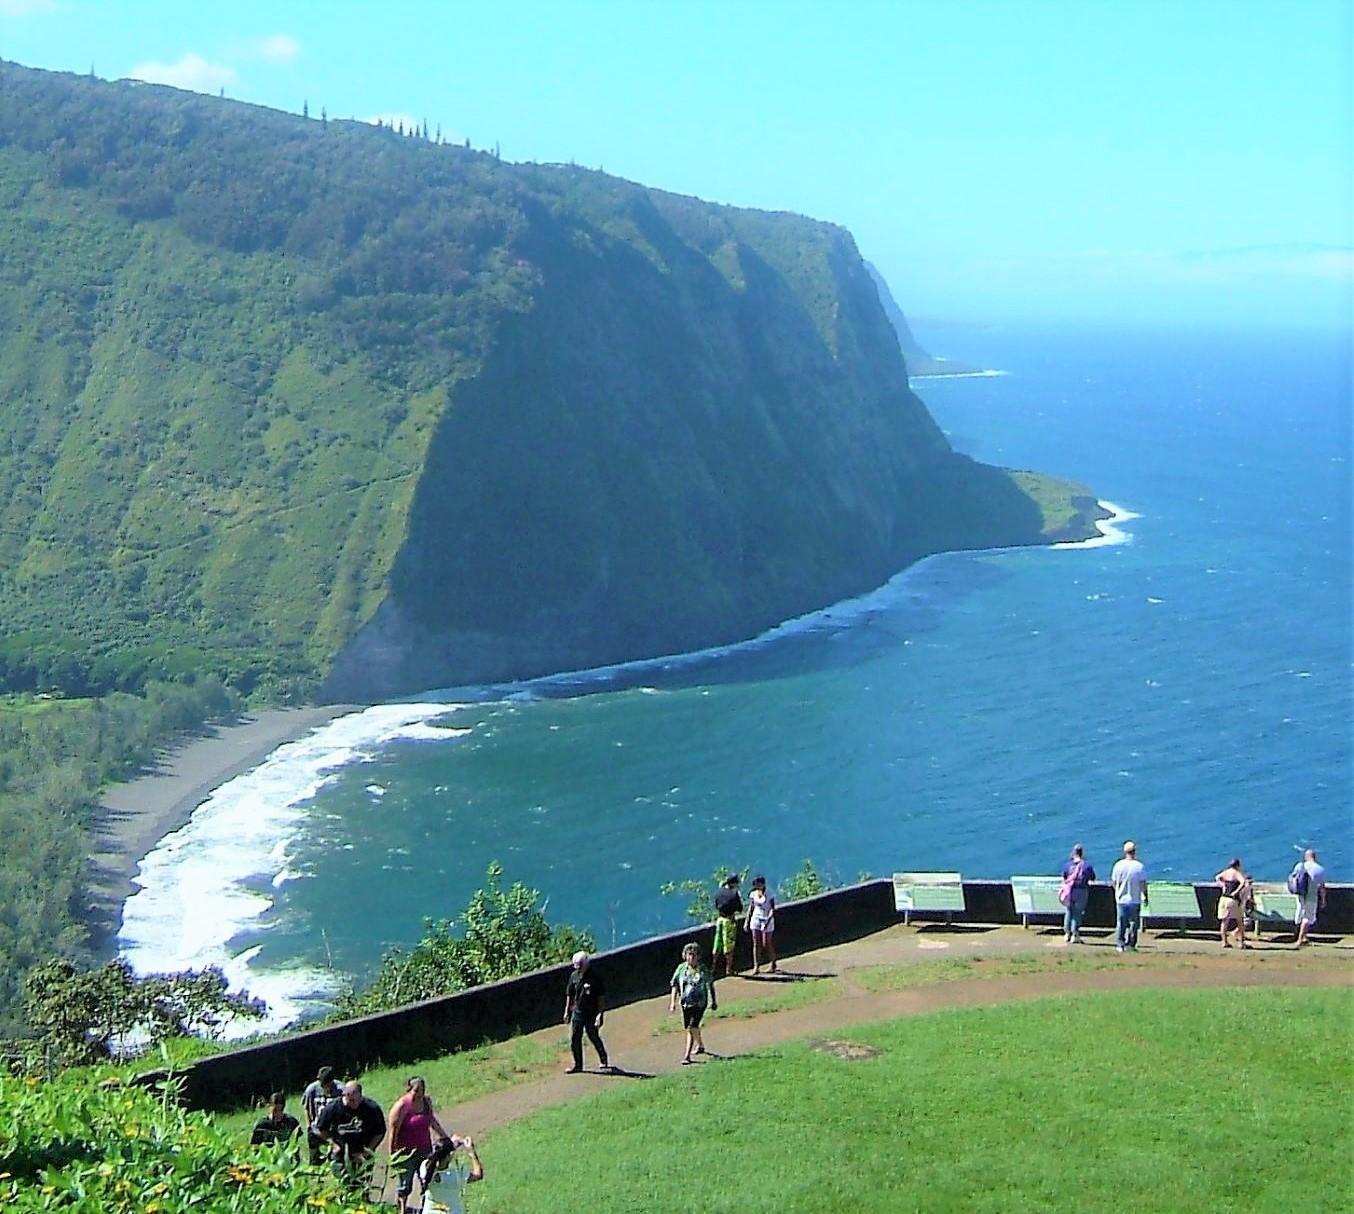 【催行予定・残席僅か】9月18日出発 ハワイ島マウナケア登頂&カウアイ島ハイキングとダイヤモンドヘッド登頂 9日間